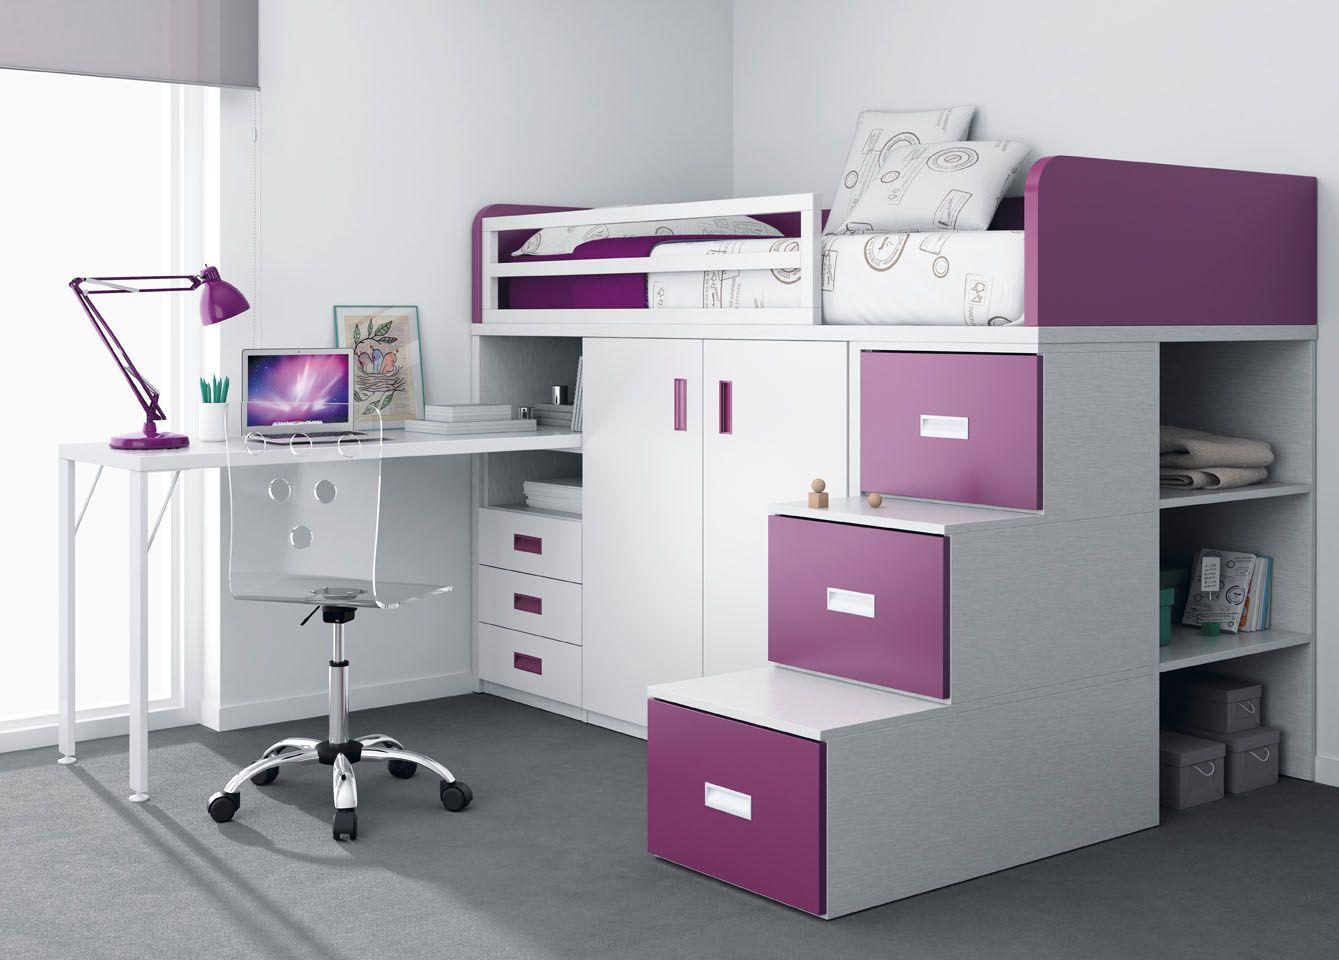 Con esta litera puedes hacer de todo b rn v relser for Crear muebles juveniles